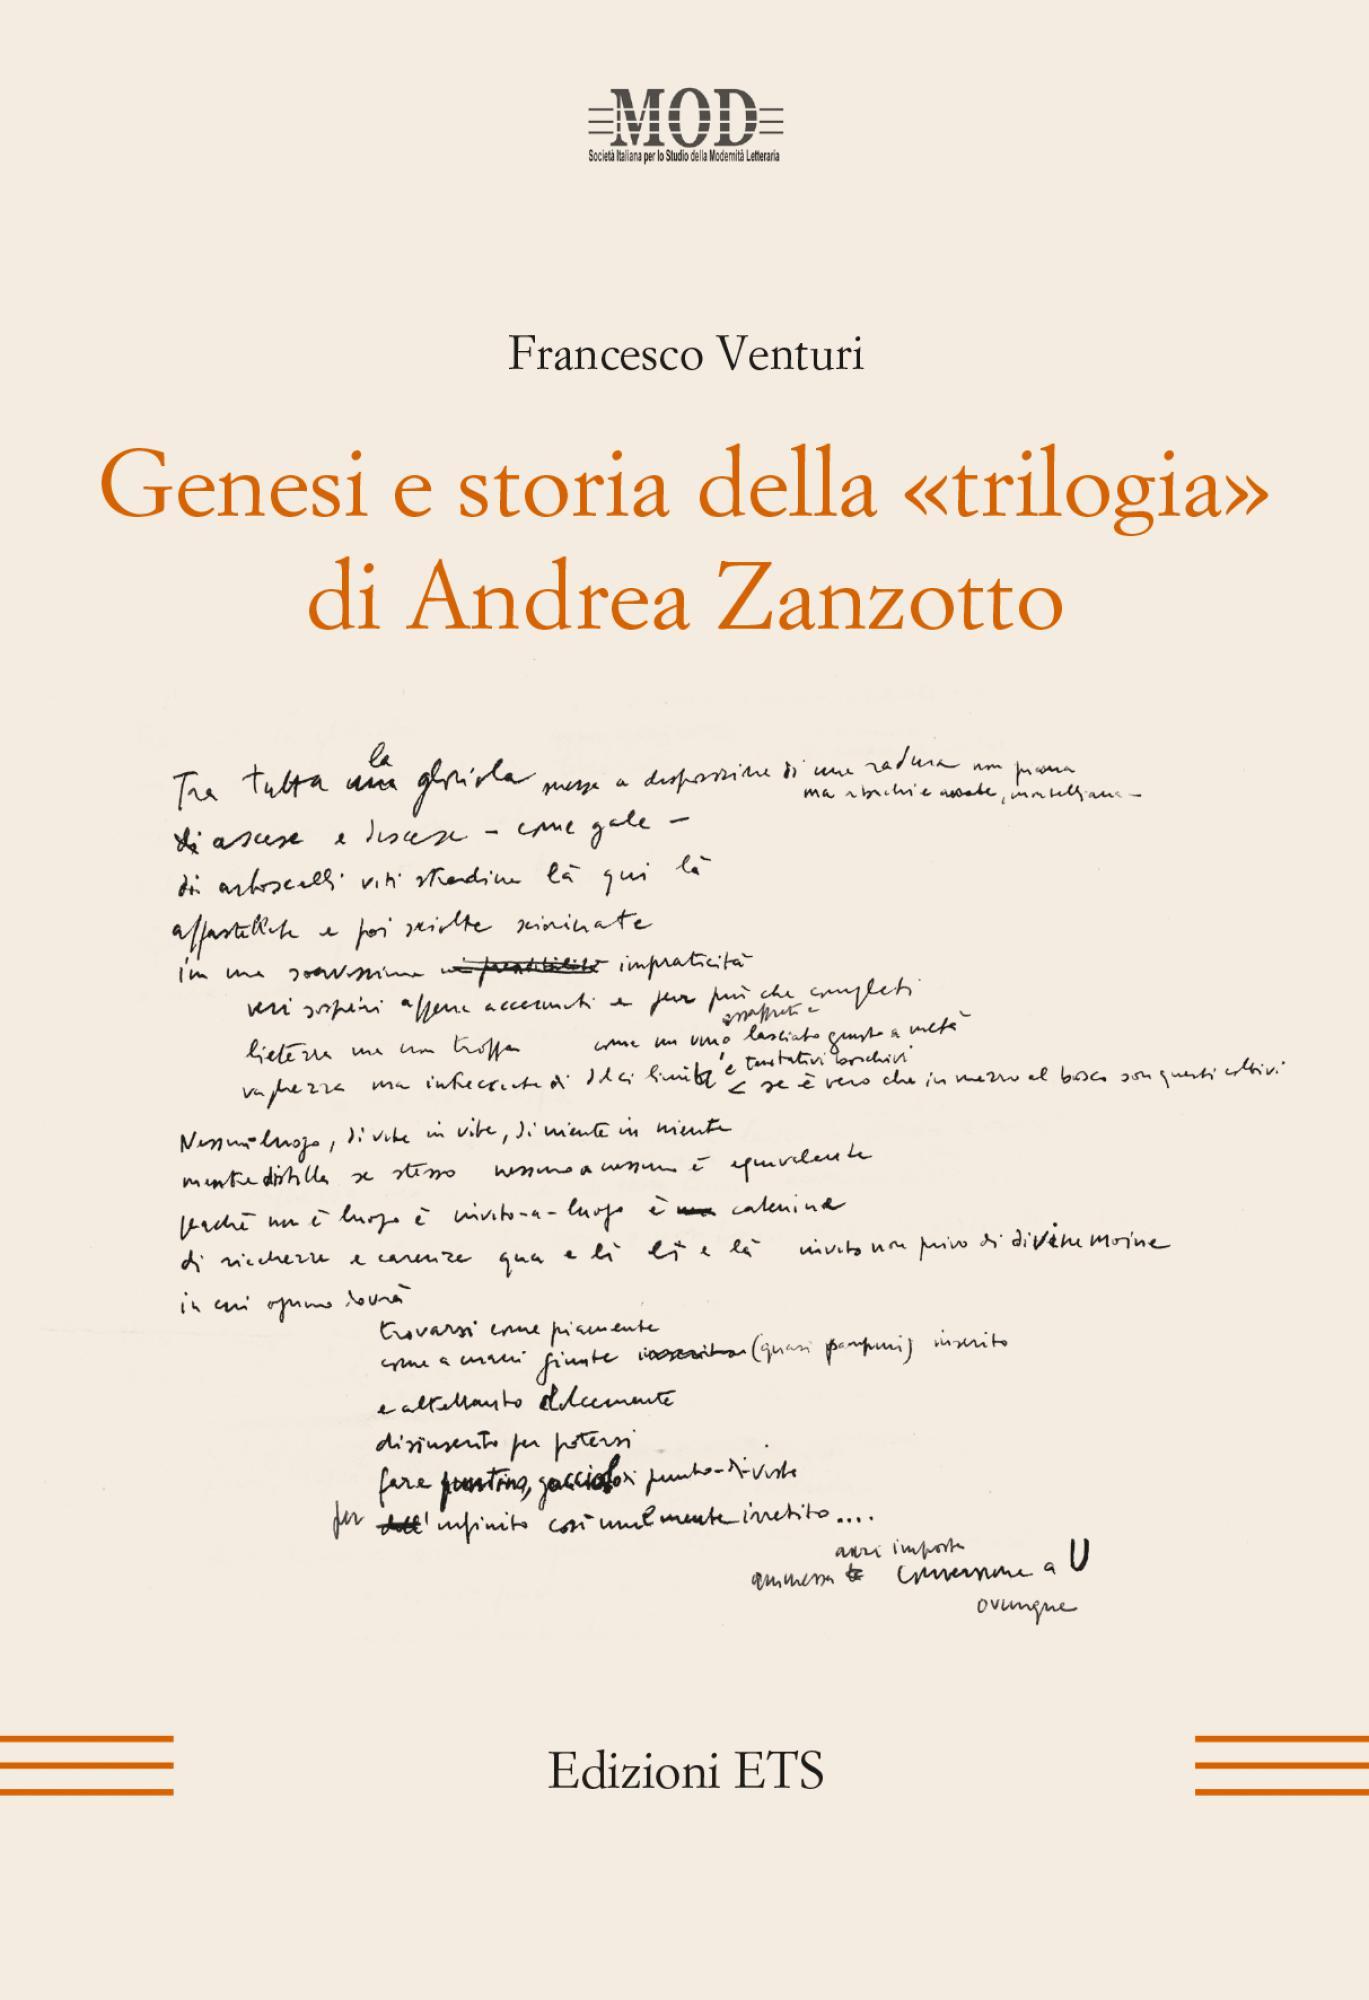 Genesi e storia della ''trilogia'' di Andrea Zanzotto